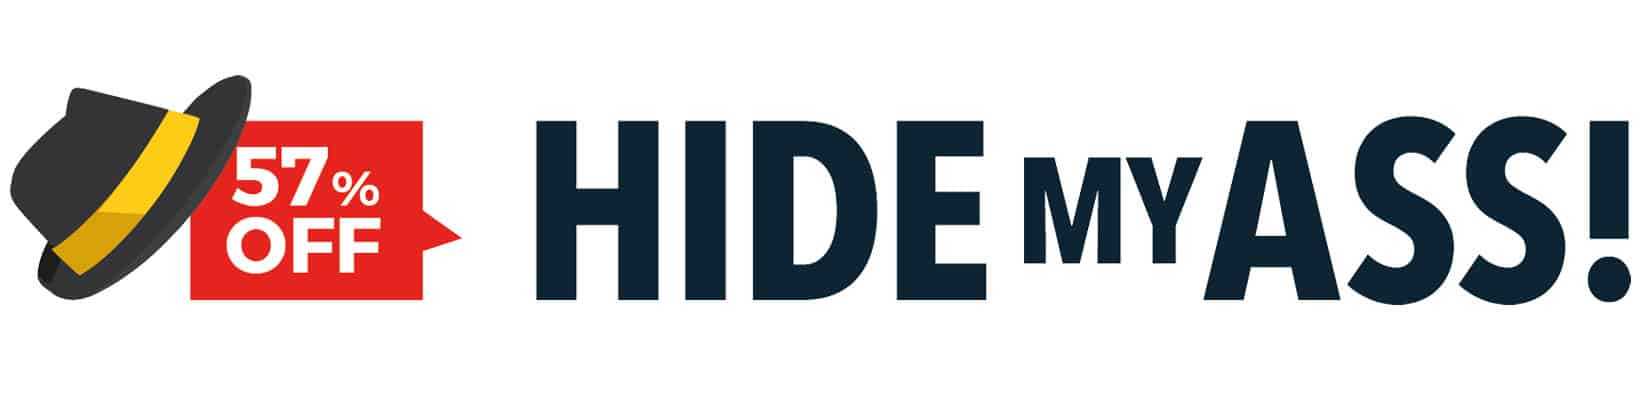 HidemyAss promo